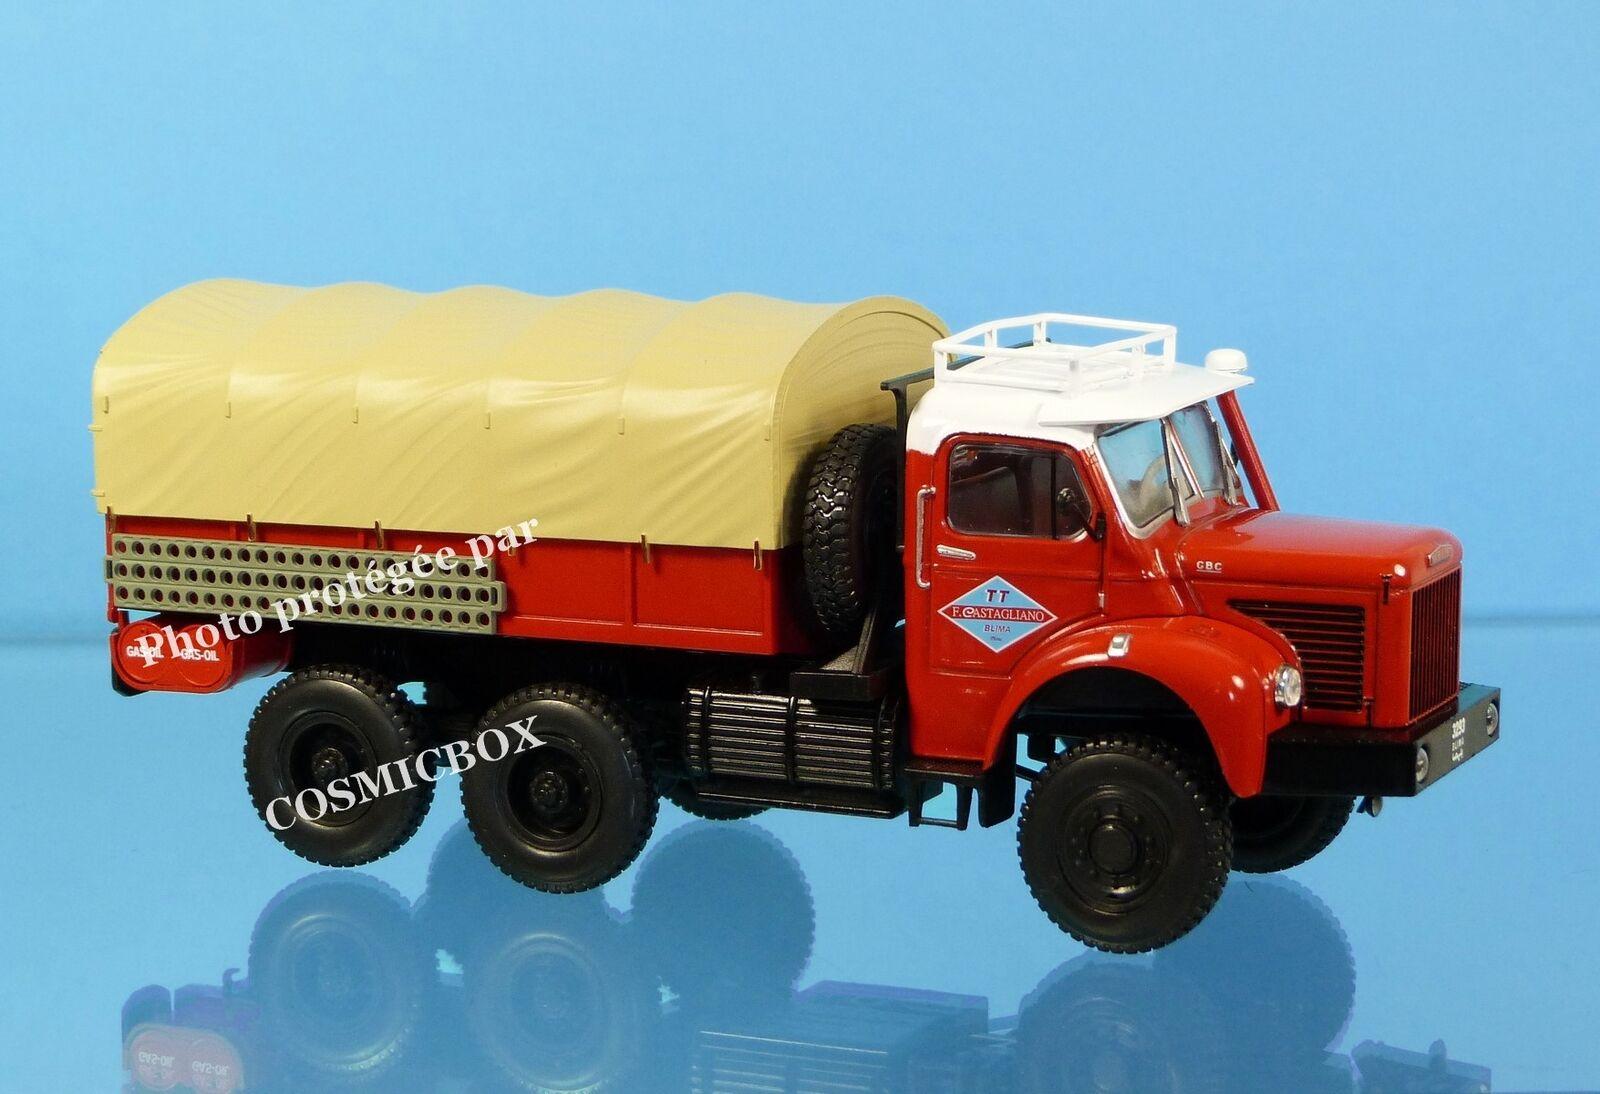 Camion BERLIET GBC 8 M 6x6 Gazelle vehículo del desierto metal 1956 todo terreno